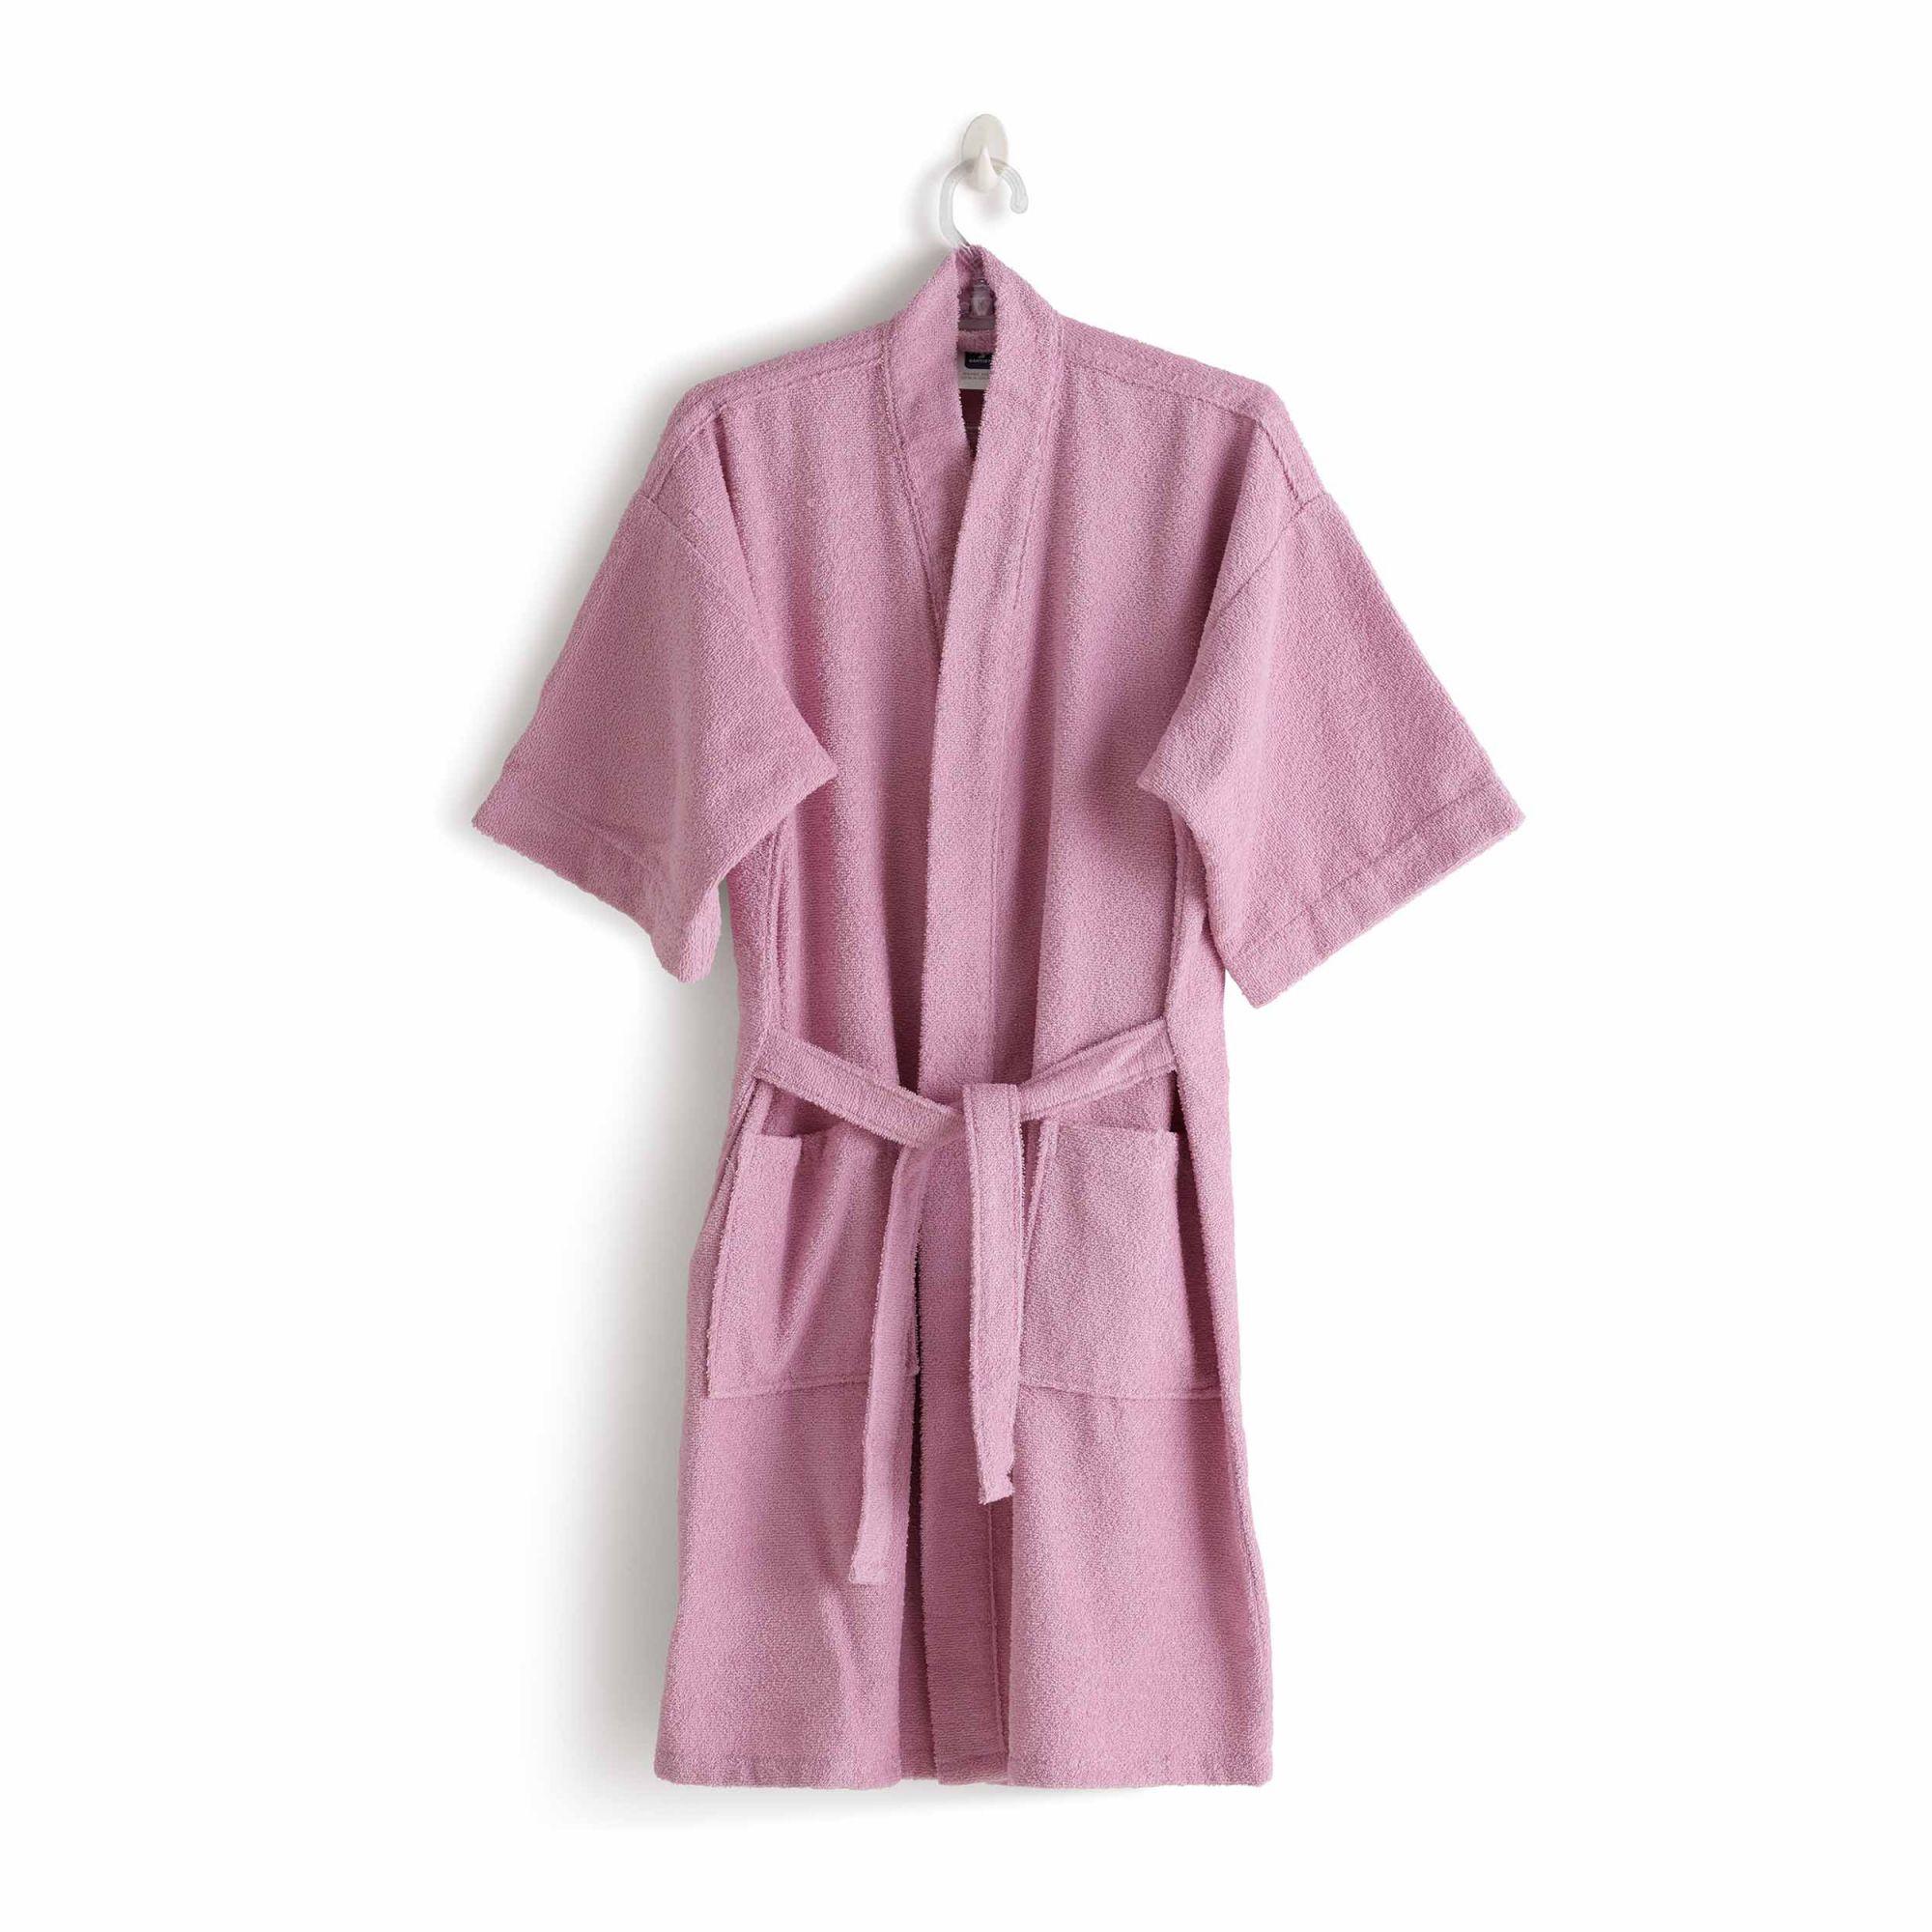 Roupão felpudo judoca rosa santista grande 100% algodao